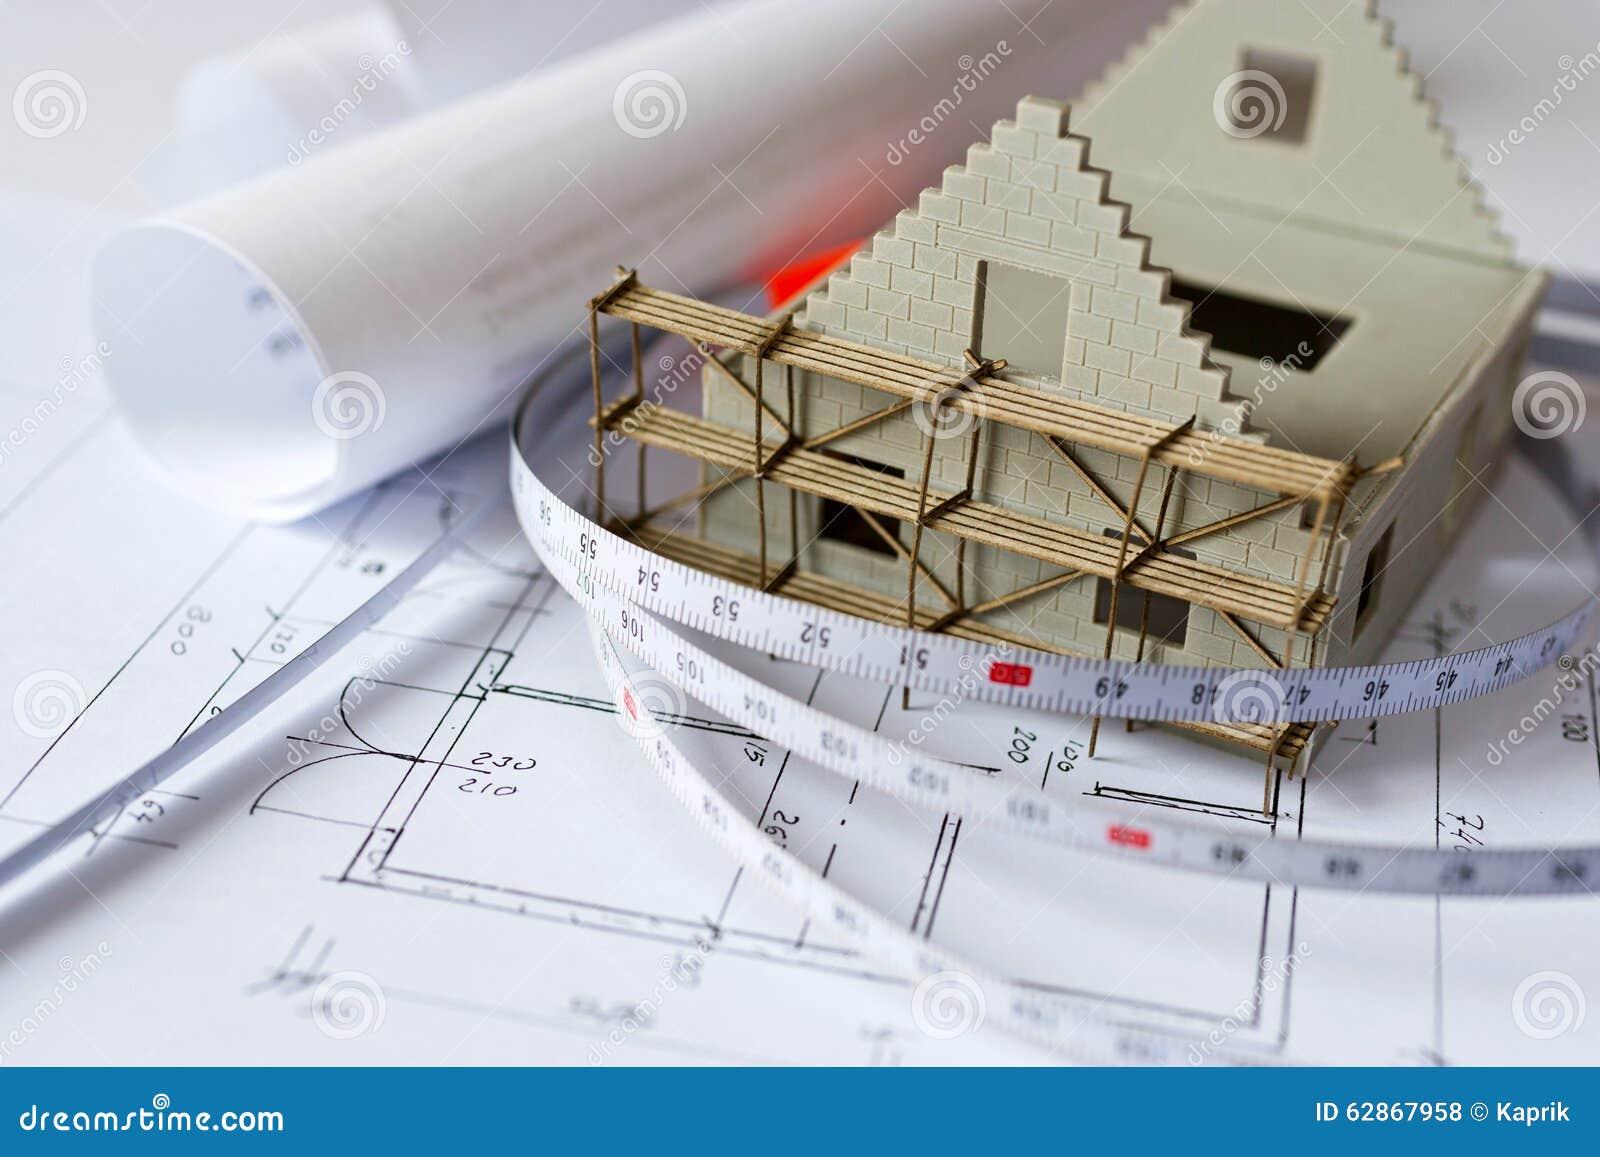 Maison De Nouveau Mod Le Sur Le Plan De Mod Le D 39 Architecture Au Bureau Photo Stock Image